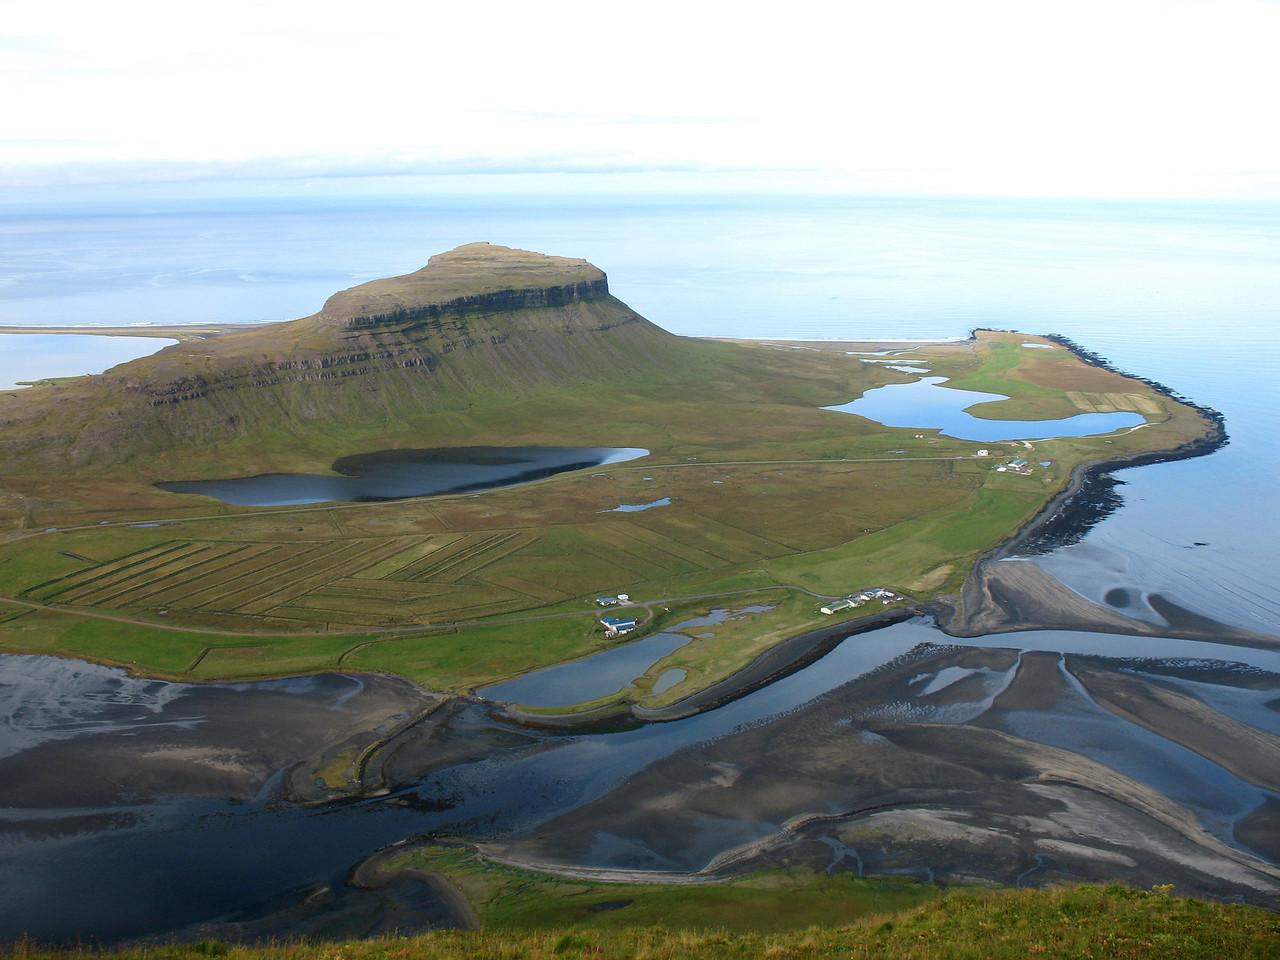 """Þetta fjall mun heita """"STöðin"""" - skrítið nafn á fjalli. Kvíabryggja í forgrunni."""